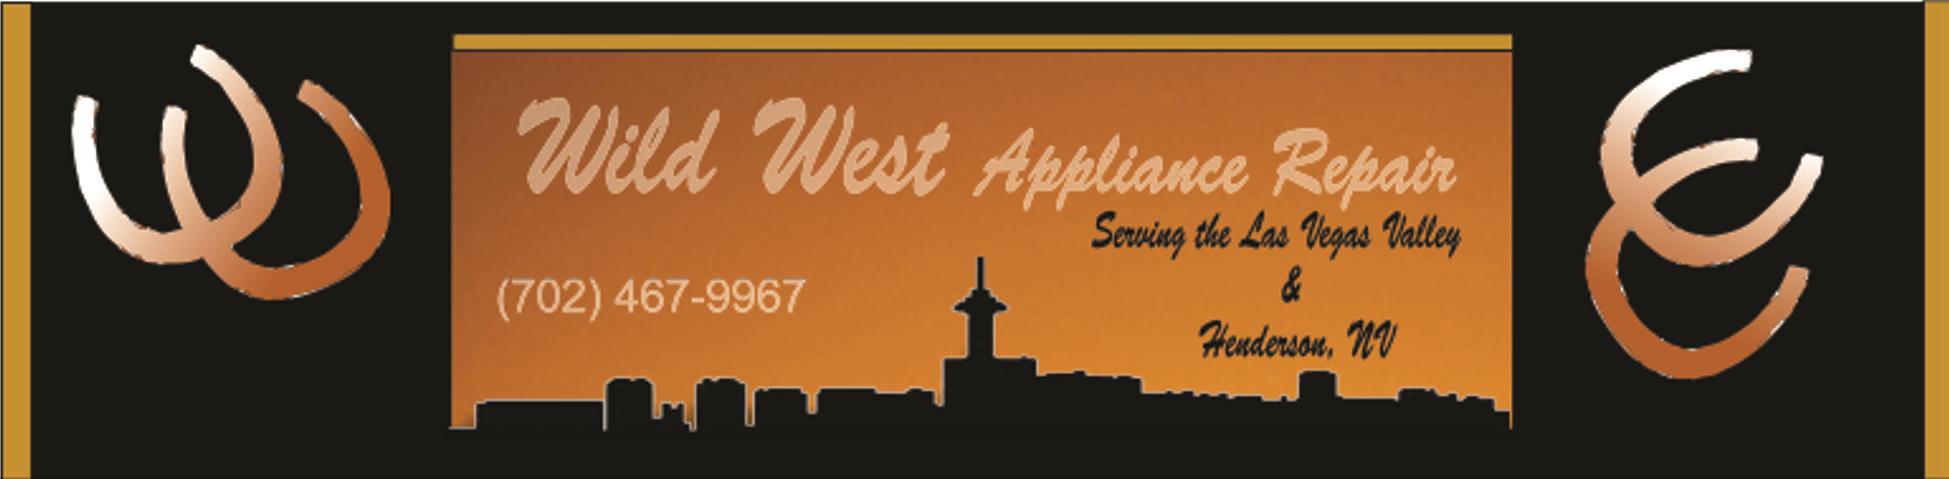 Same Day Appliance Repair Henderson Nv Wild West